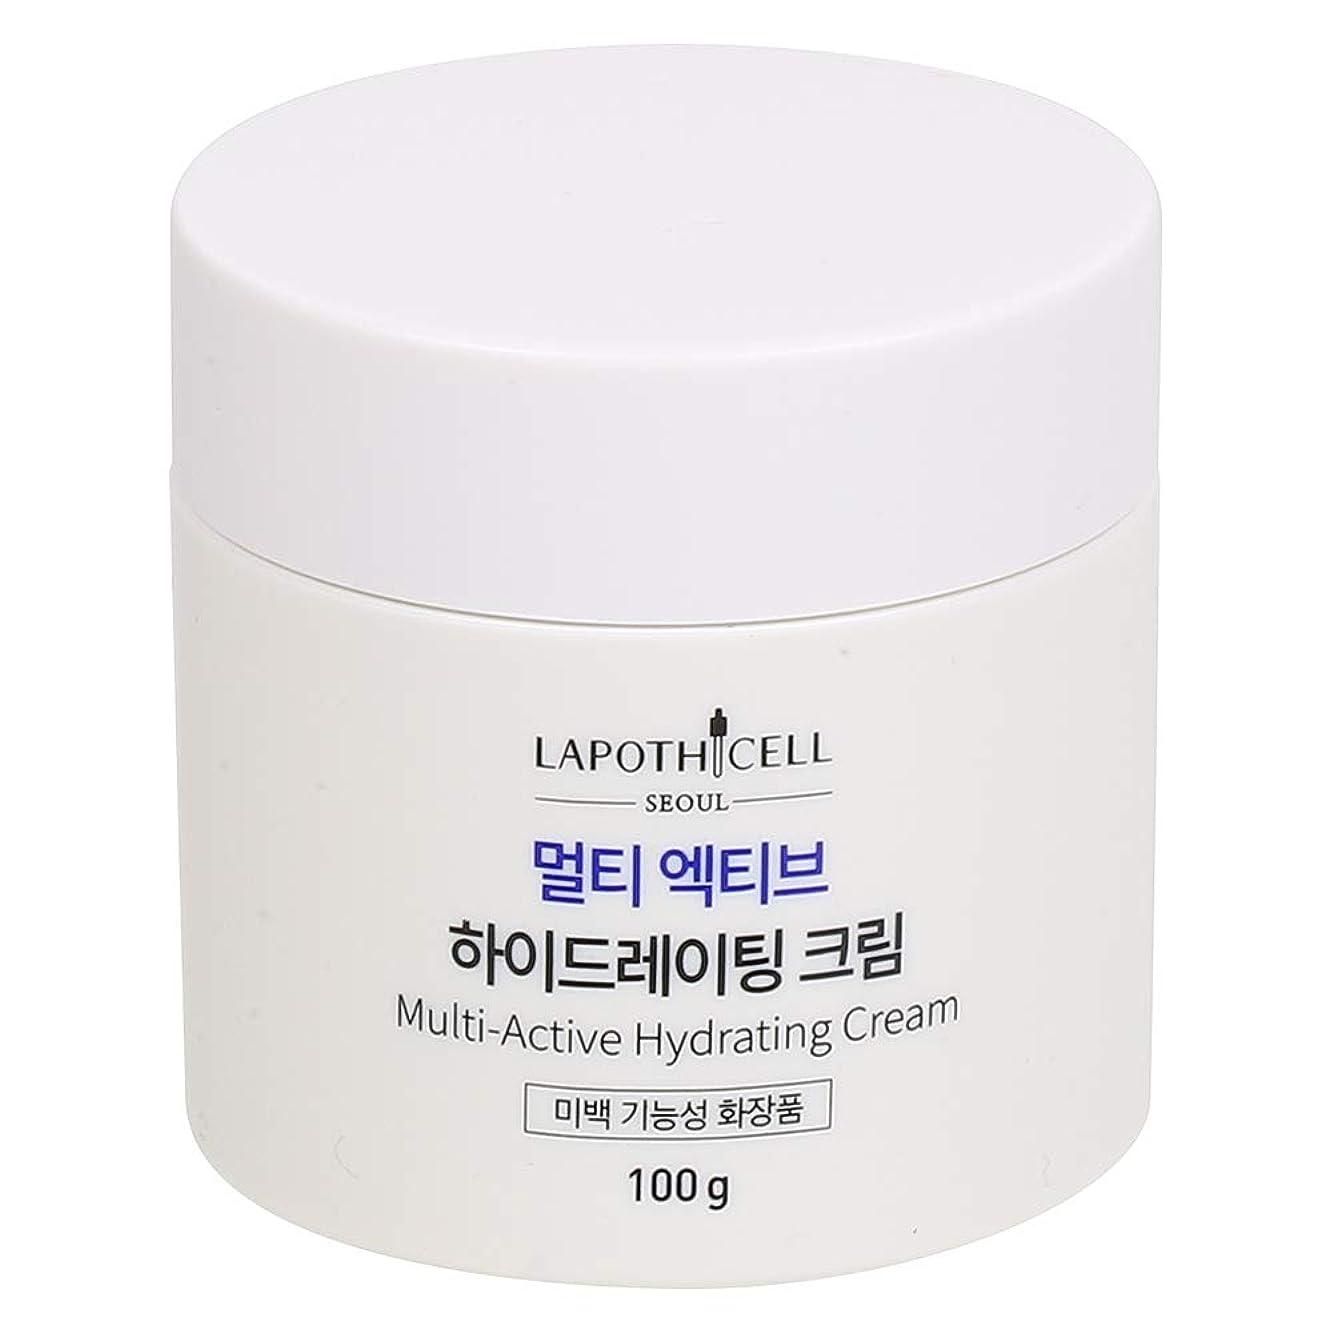 セメント悪魔ケーブルカーLapothicell☆Multi-Active Hydrating Cream100g[並行輸入品]